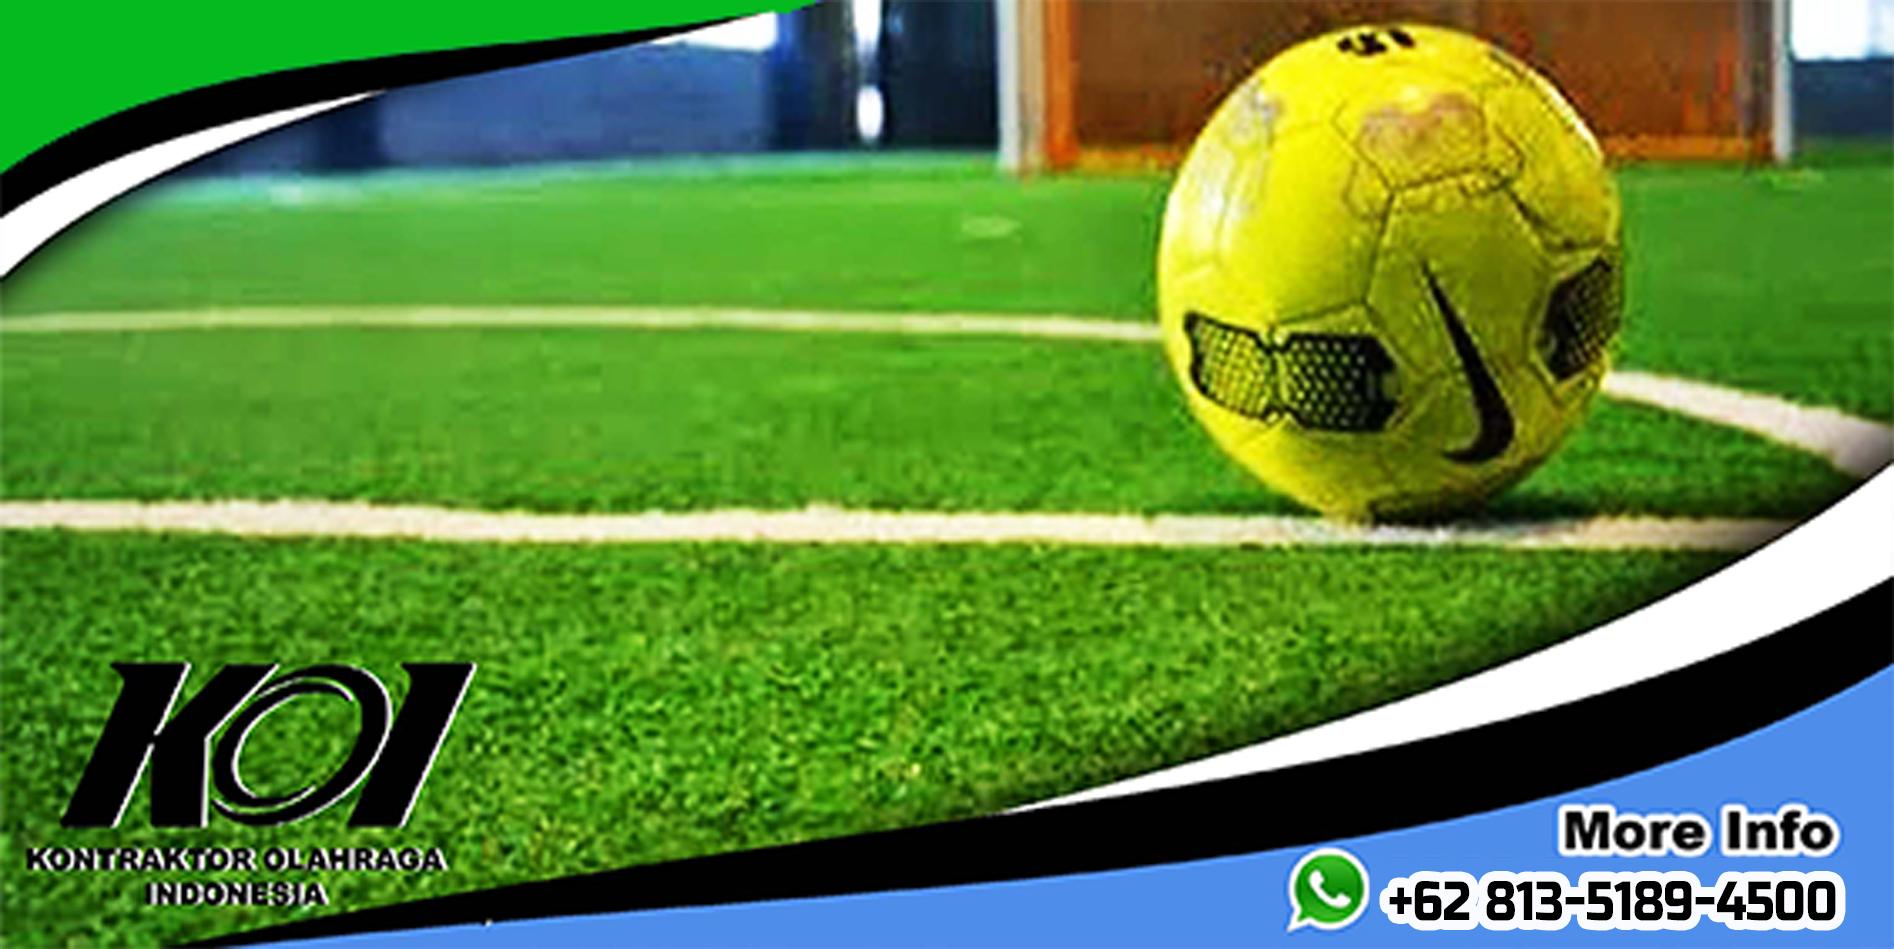 Harga Jual Lantai Interlock Futsal Murah Bagus Berkualitas Rumput Sintetis